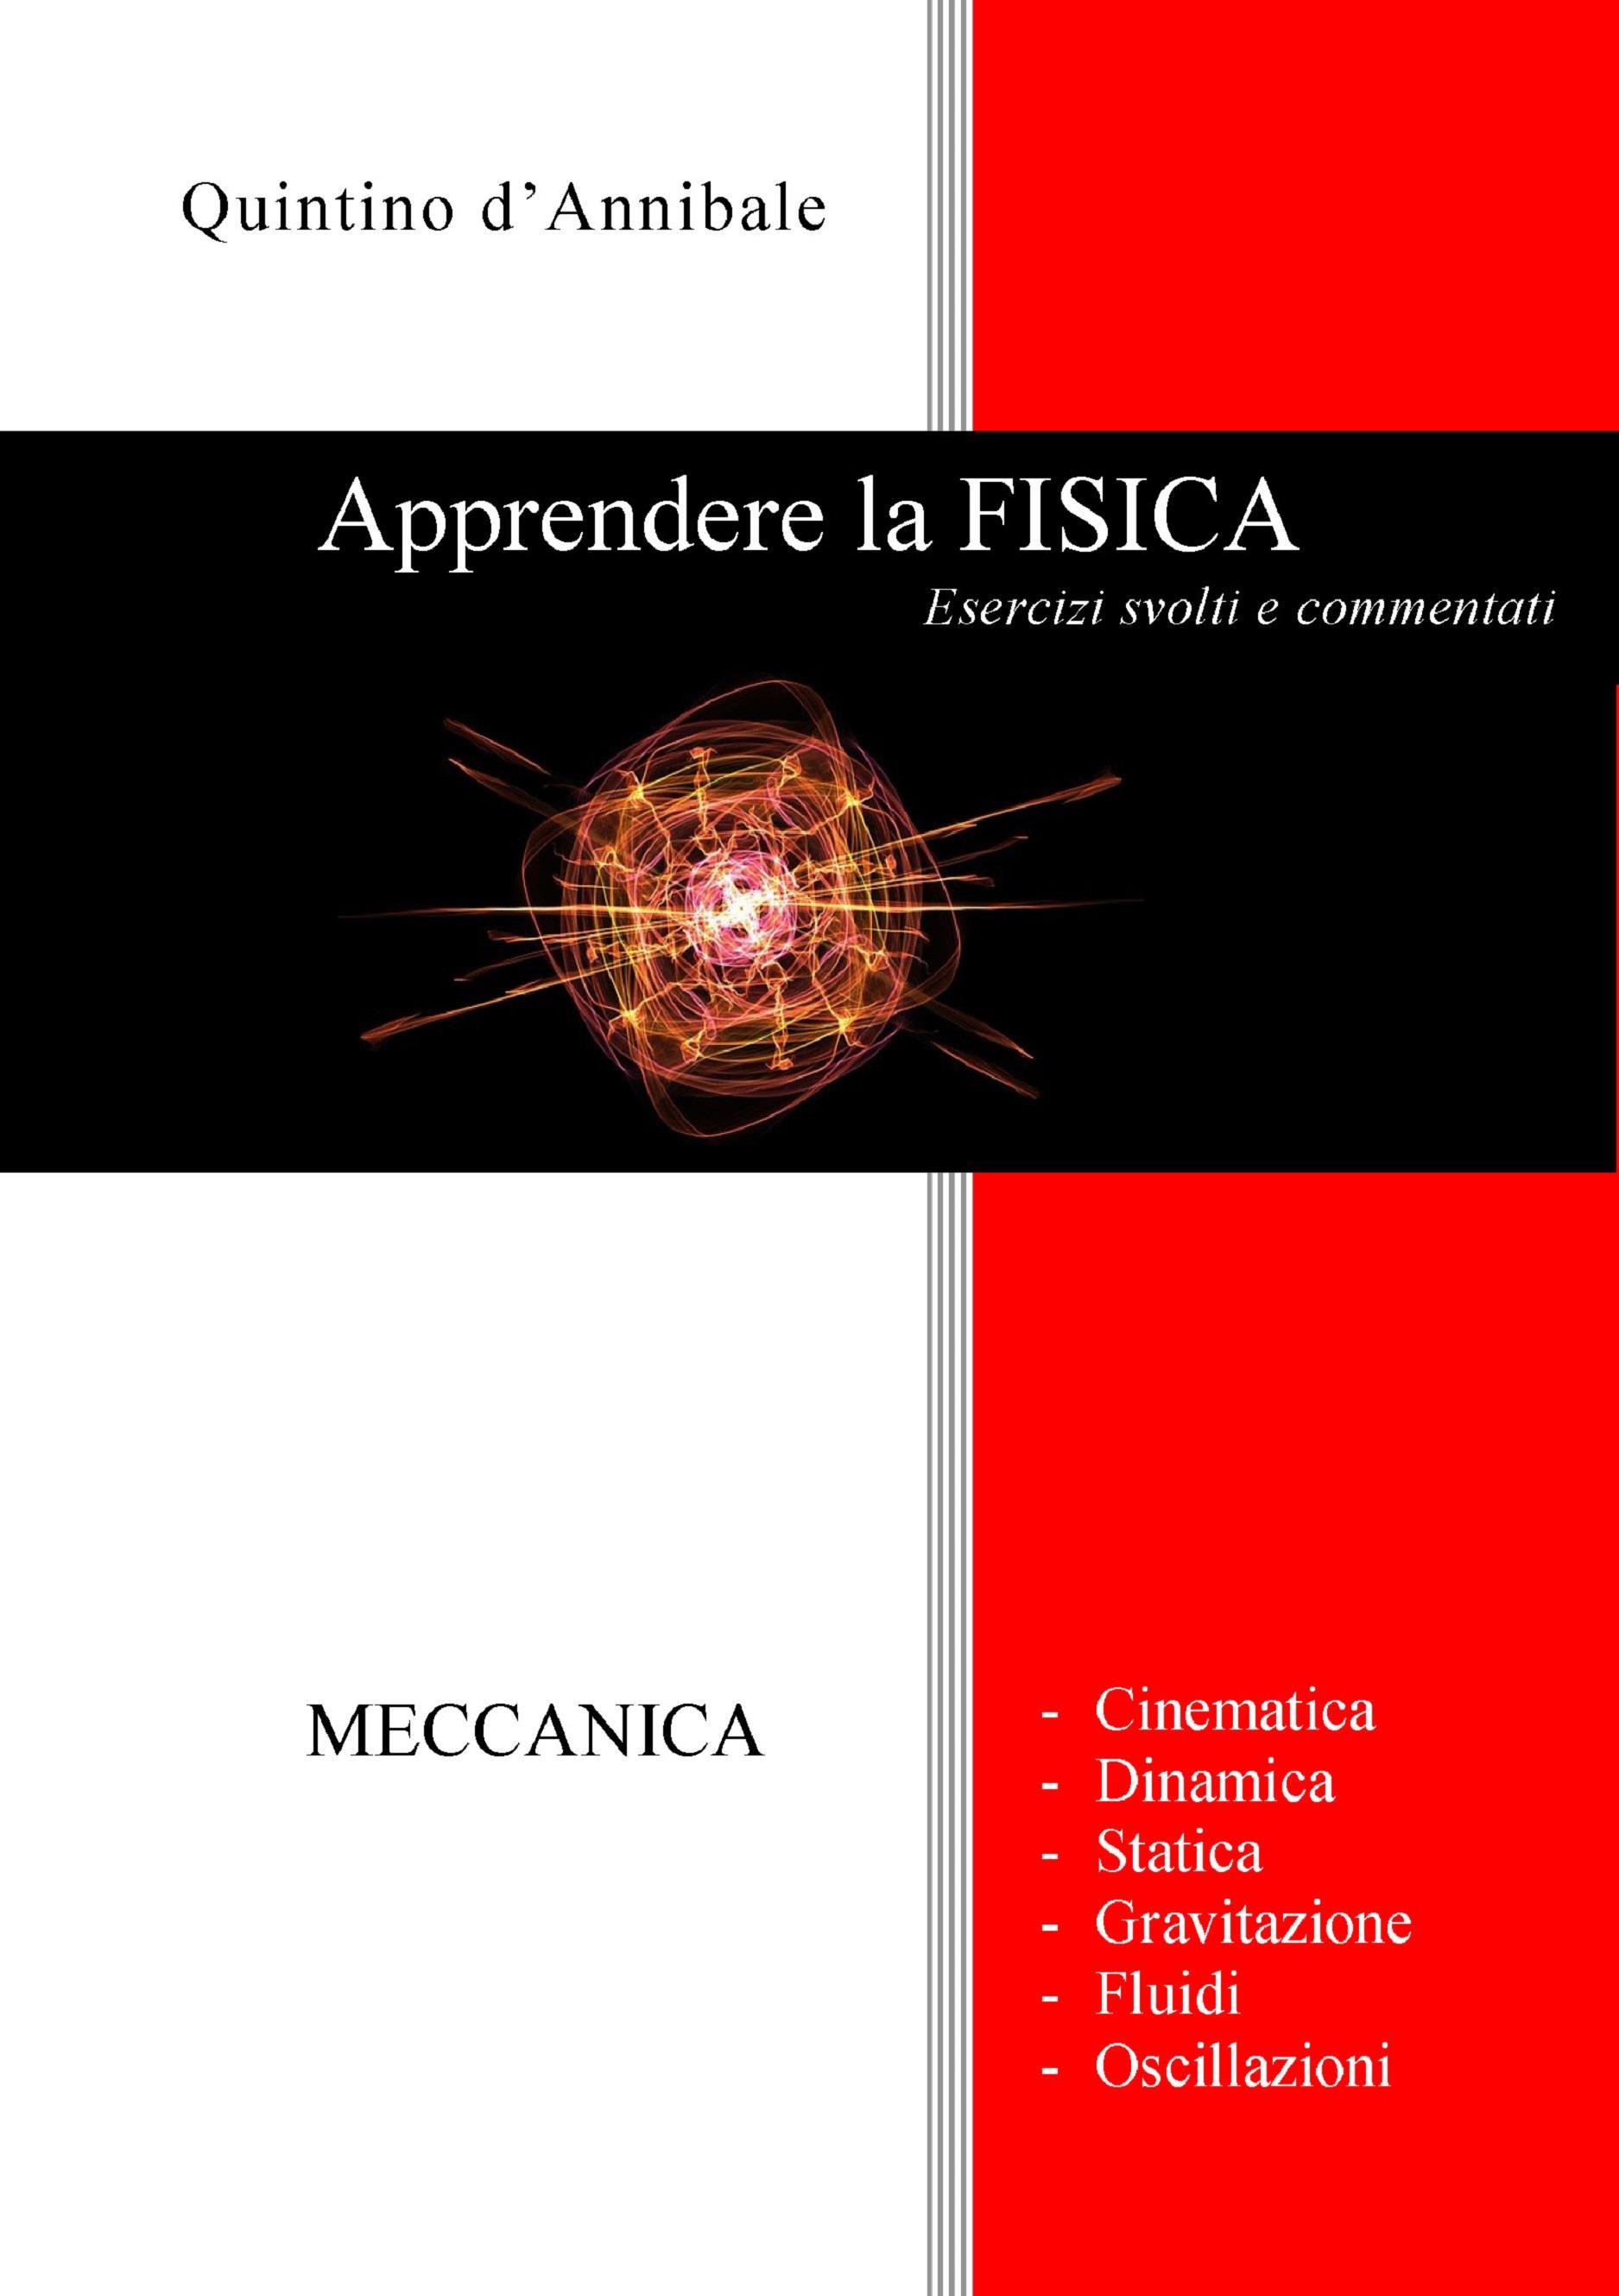 Apprendere la FISICA - Esercizi svolti e commentati